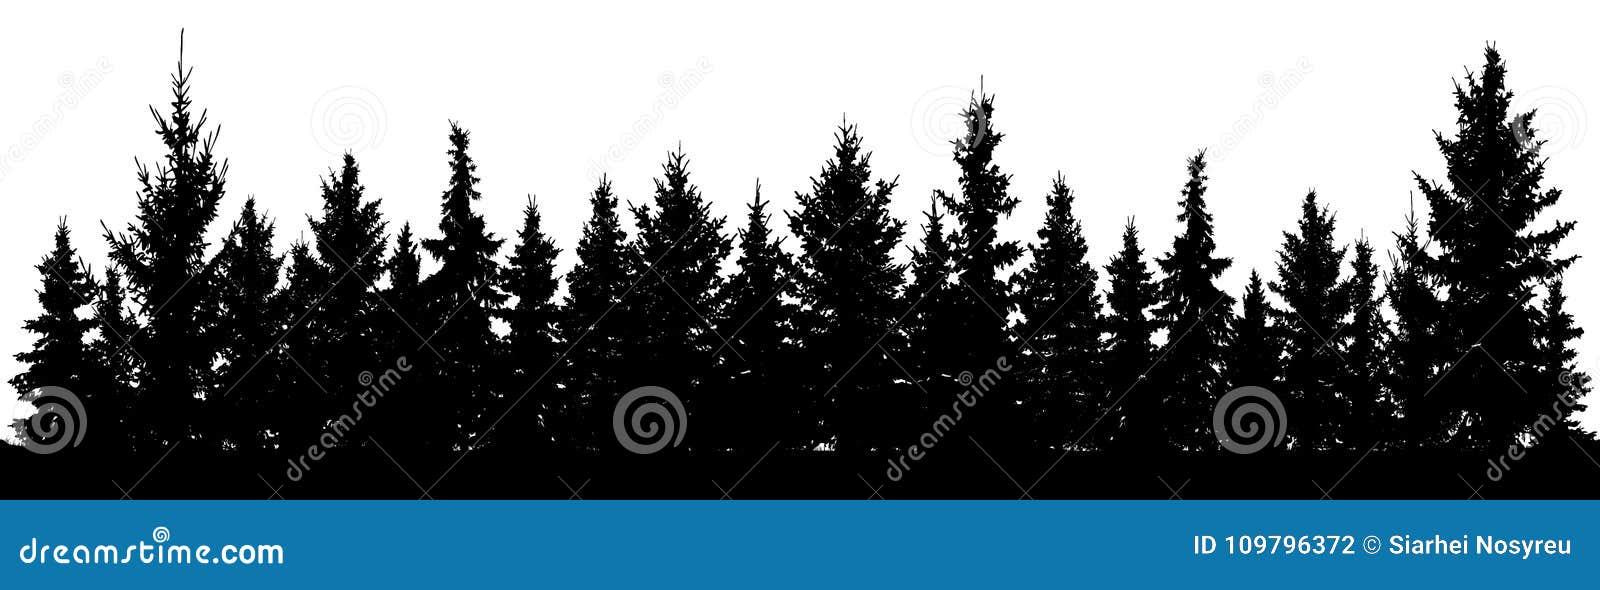 Skog av konturn för julgranträd Barrträds- gran Parkera av vintergrönt trä Vektor på vit bakgrund